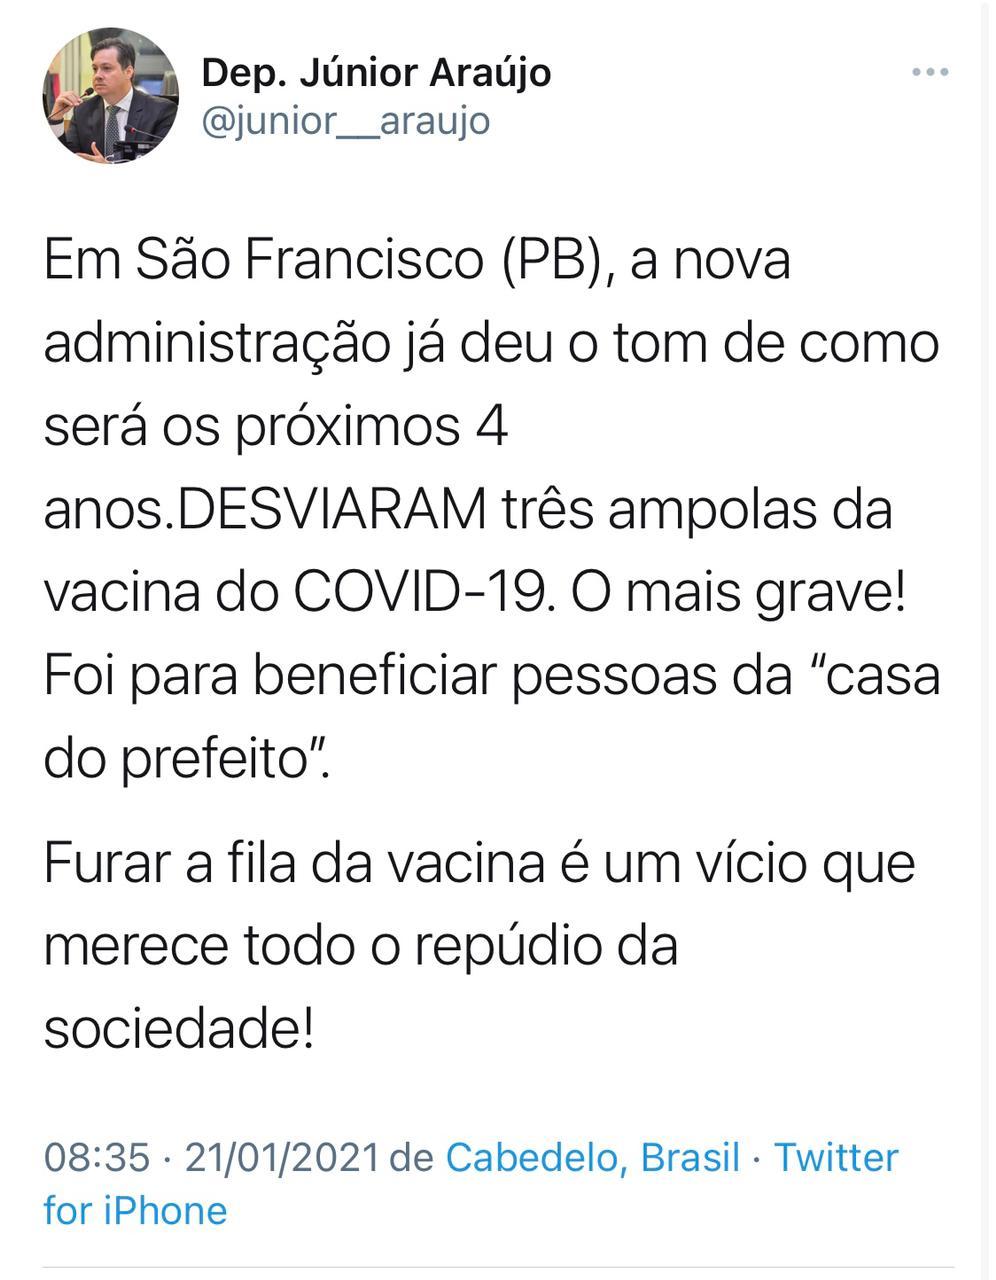 WhatsApp Image 2021 01 21 at 08.44.49 - DENÚNCIA NA PARAÍBA! Deputado diz que doses da Coronavac foram desviadas para a casa do prefeito; confira